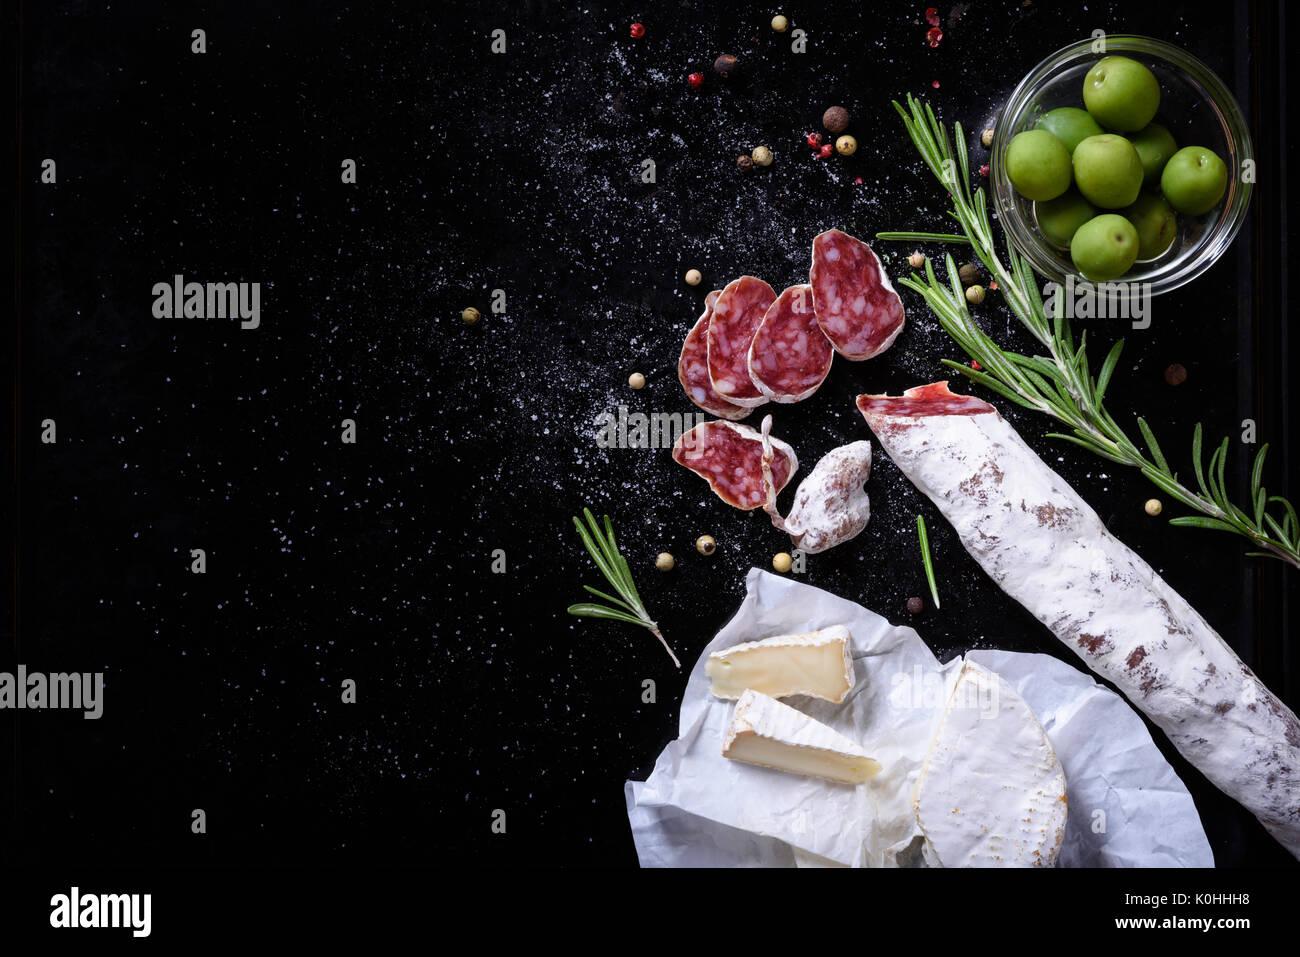 Curados Fuet cortados en rodajas con queso y aceitunas. Embutido snack. Copie el espacio, vista anterior, un fondo oscuro. Imagen De Stock